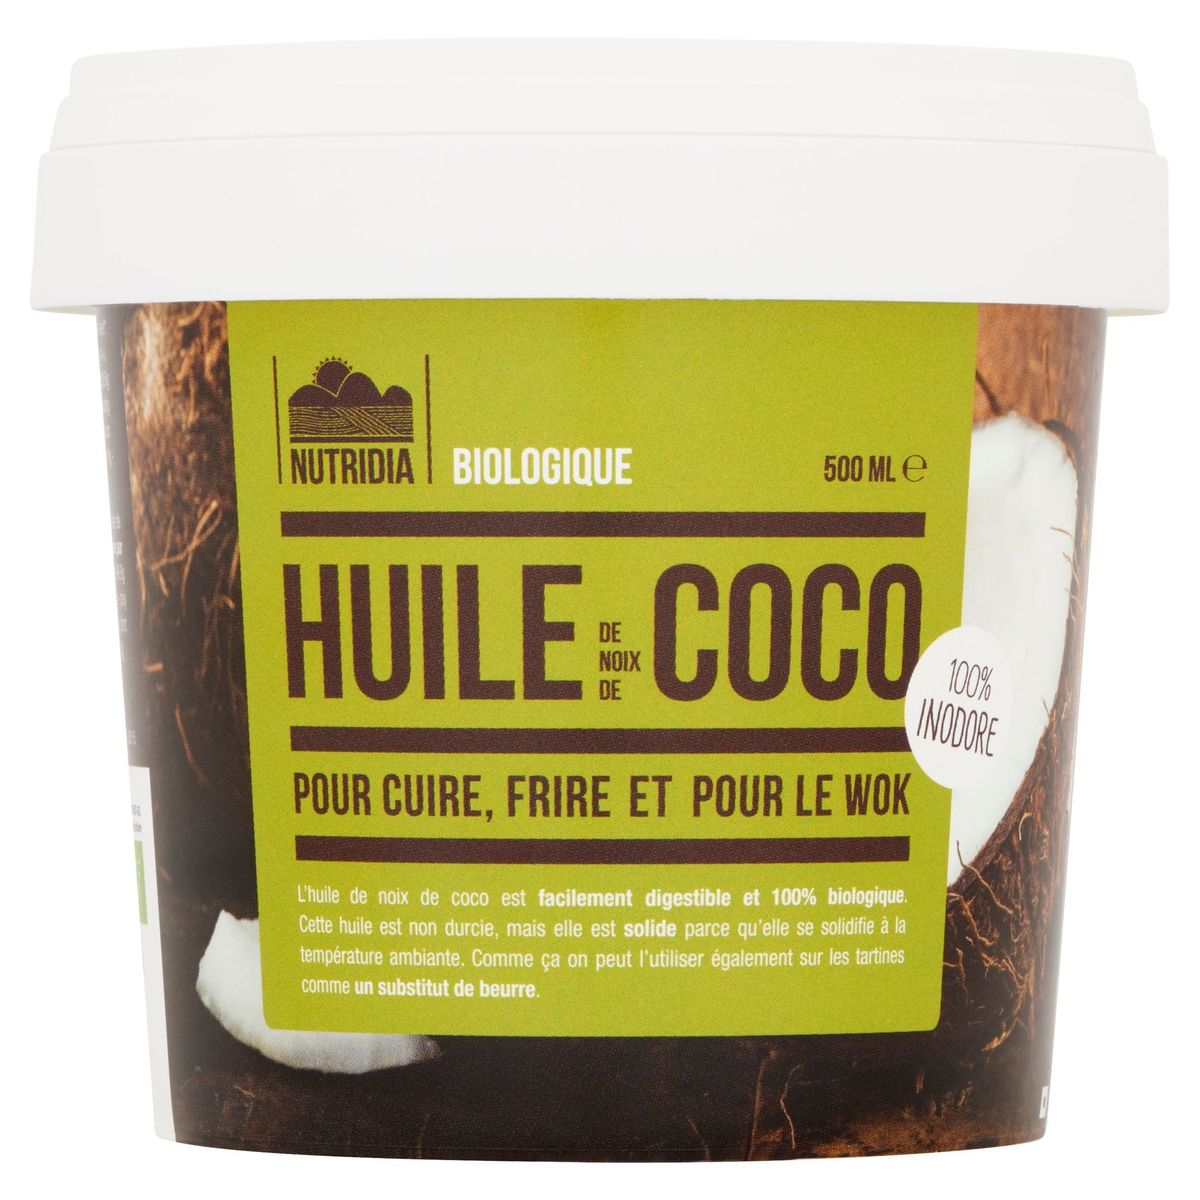 Nutridia Biologique Huile de Noix de Coco 500 ml